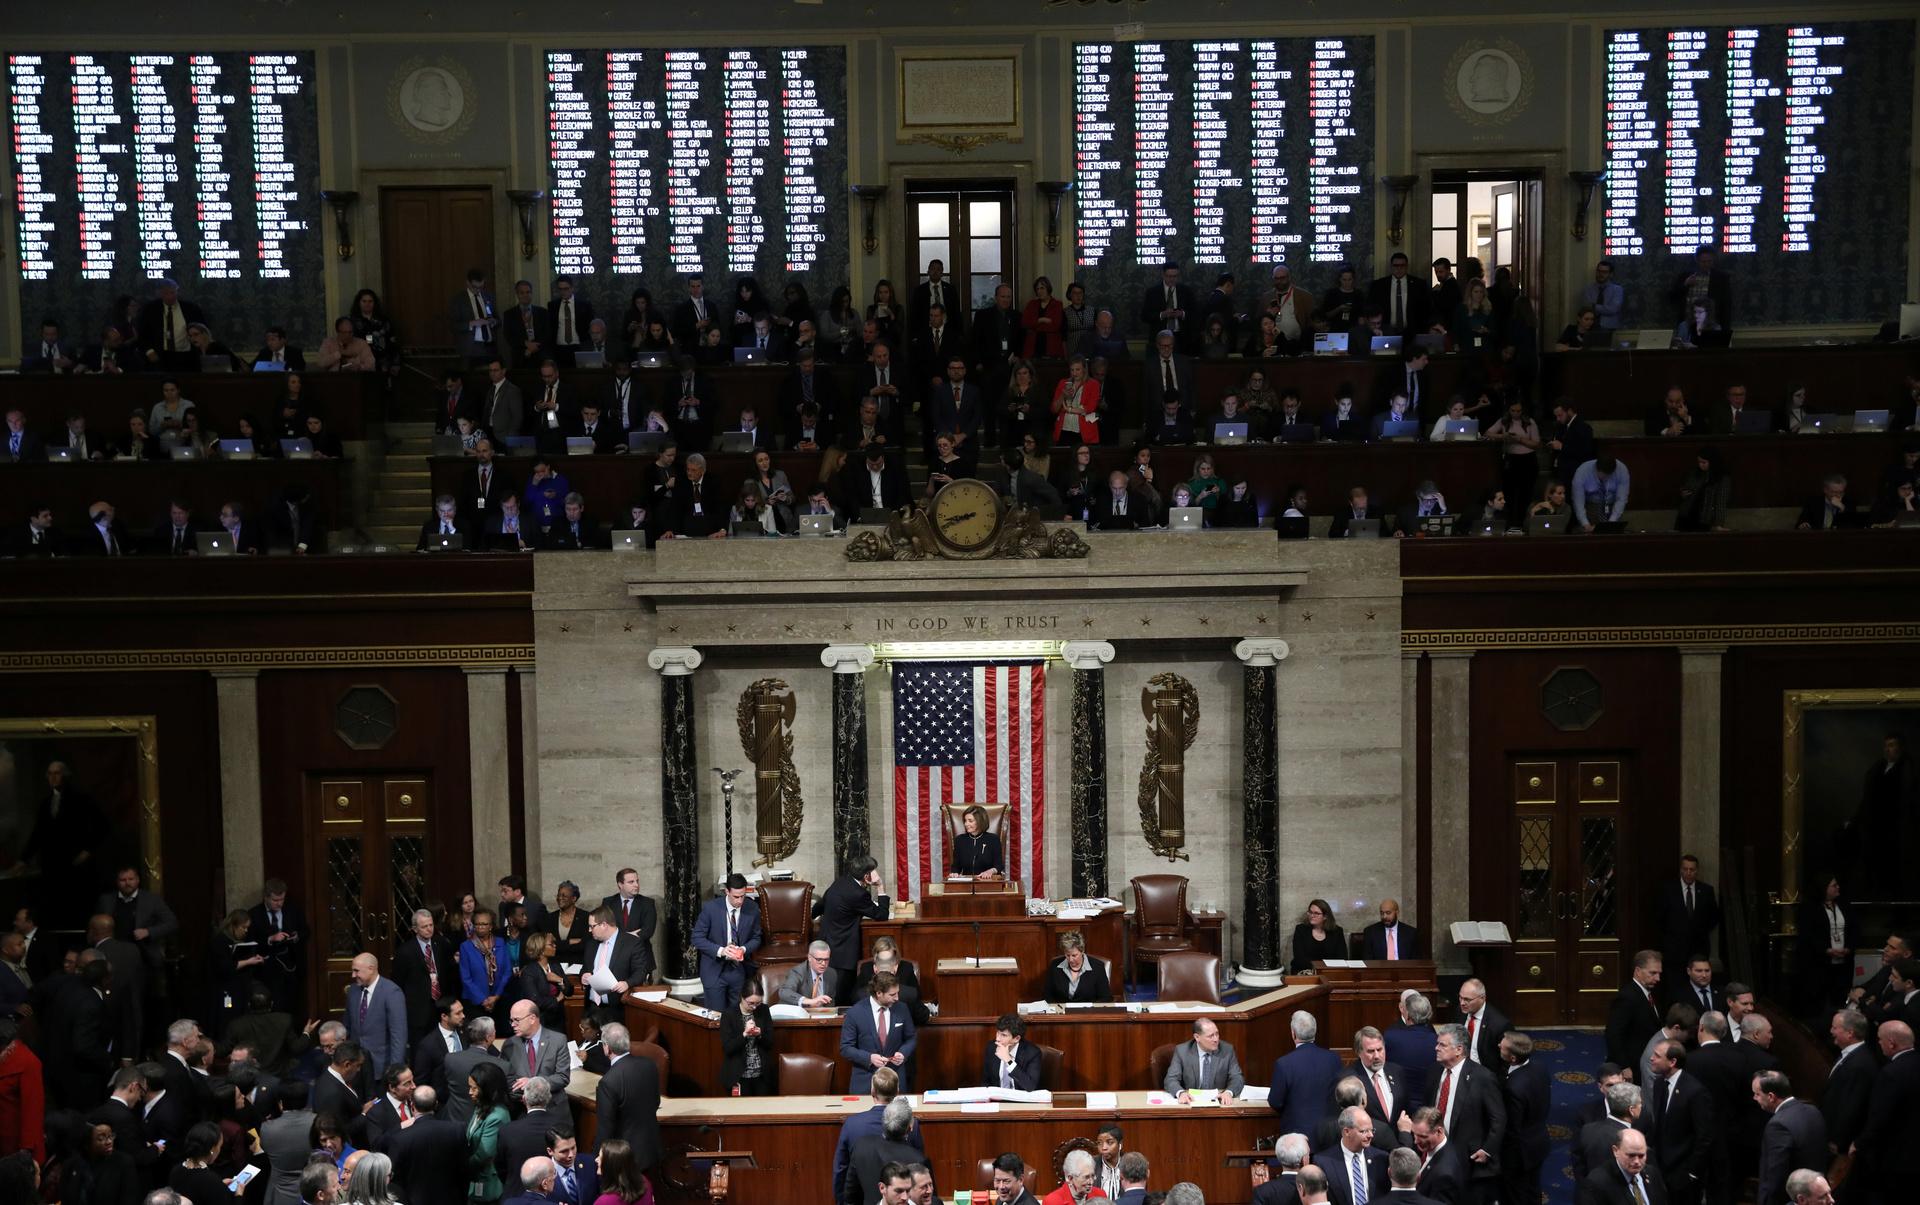 «Процесс становится перманентным»: как новые доказательства по украинскому делу могут повлиять на импичмент Трампа